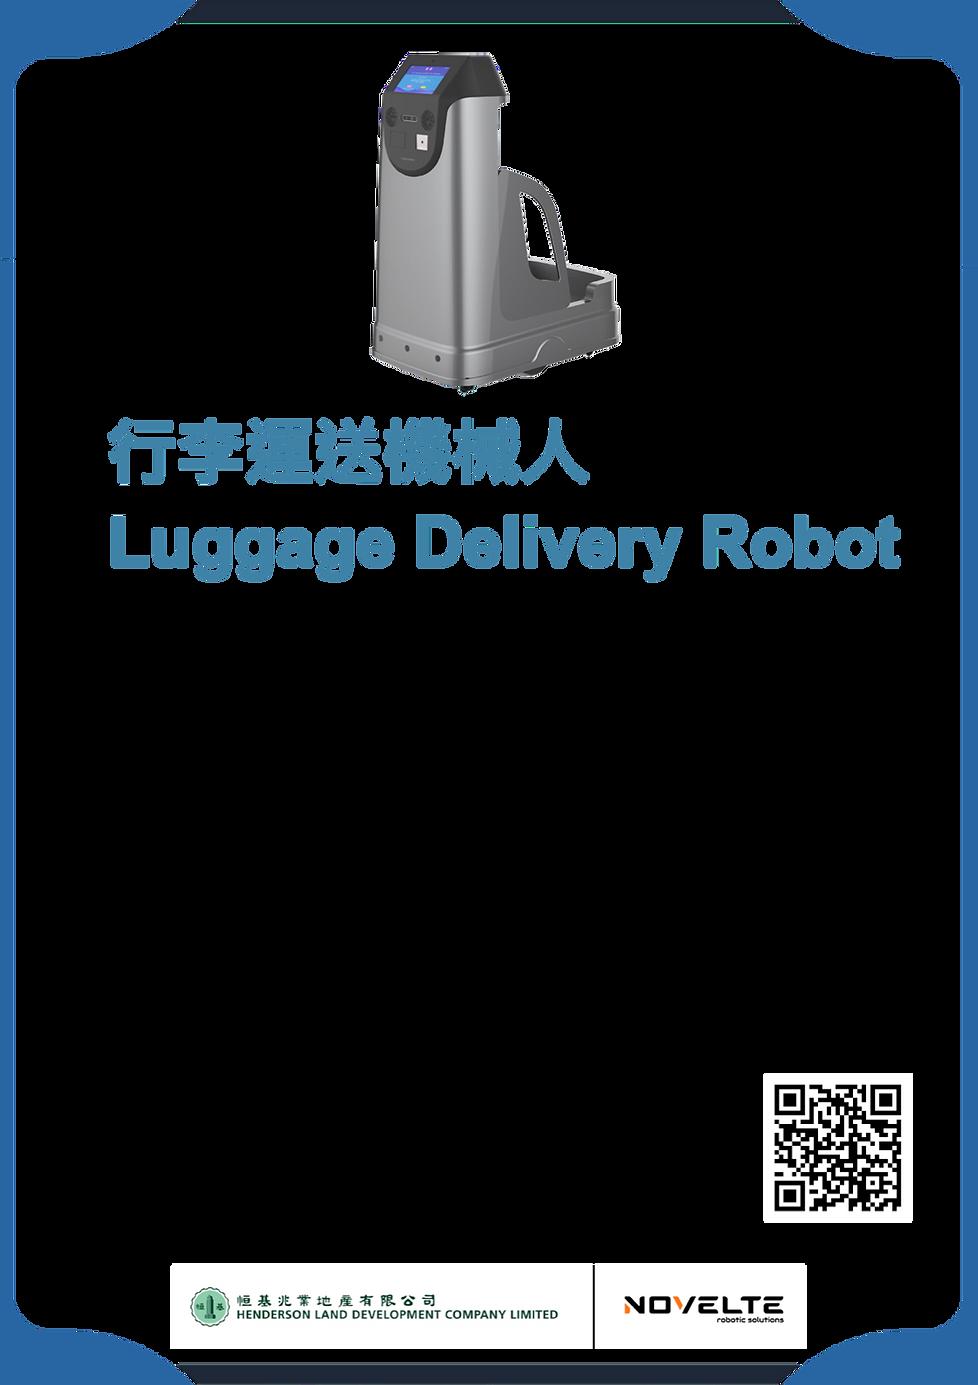 Henderson_LuggageDeliveryRobot.png